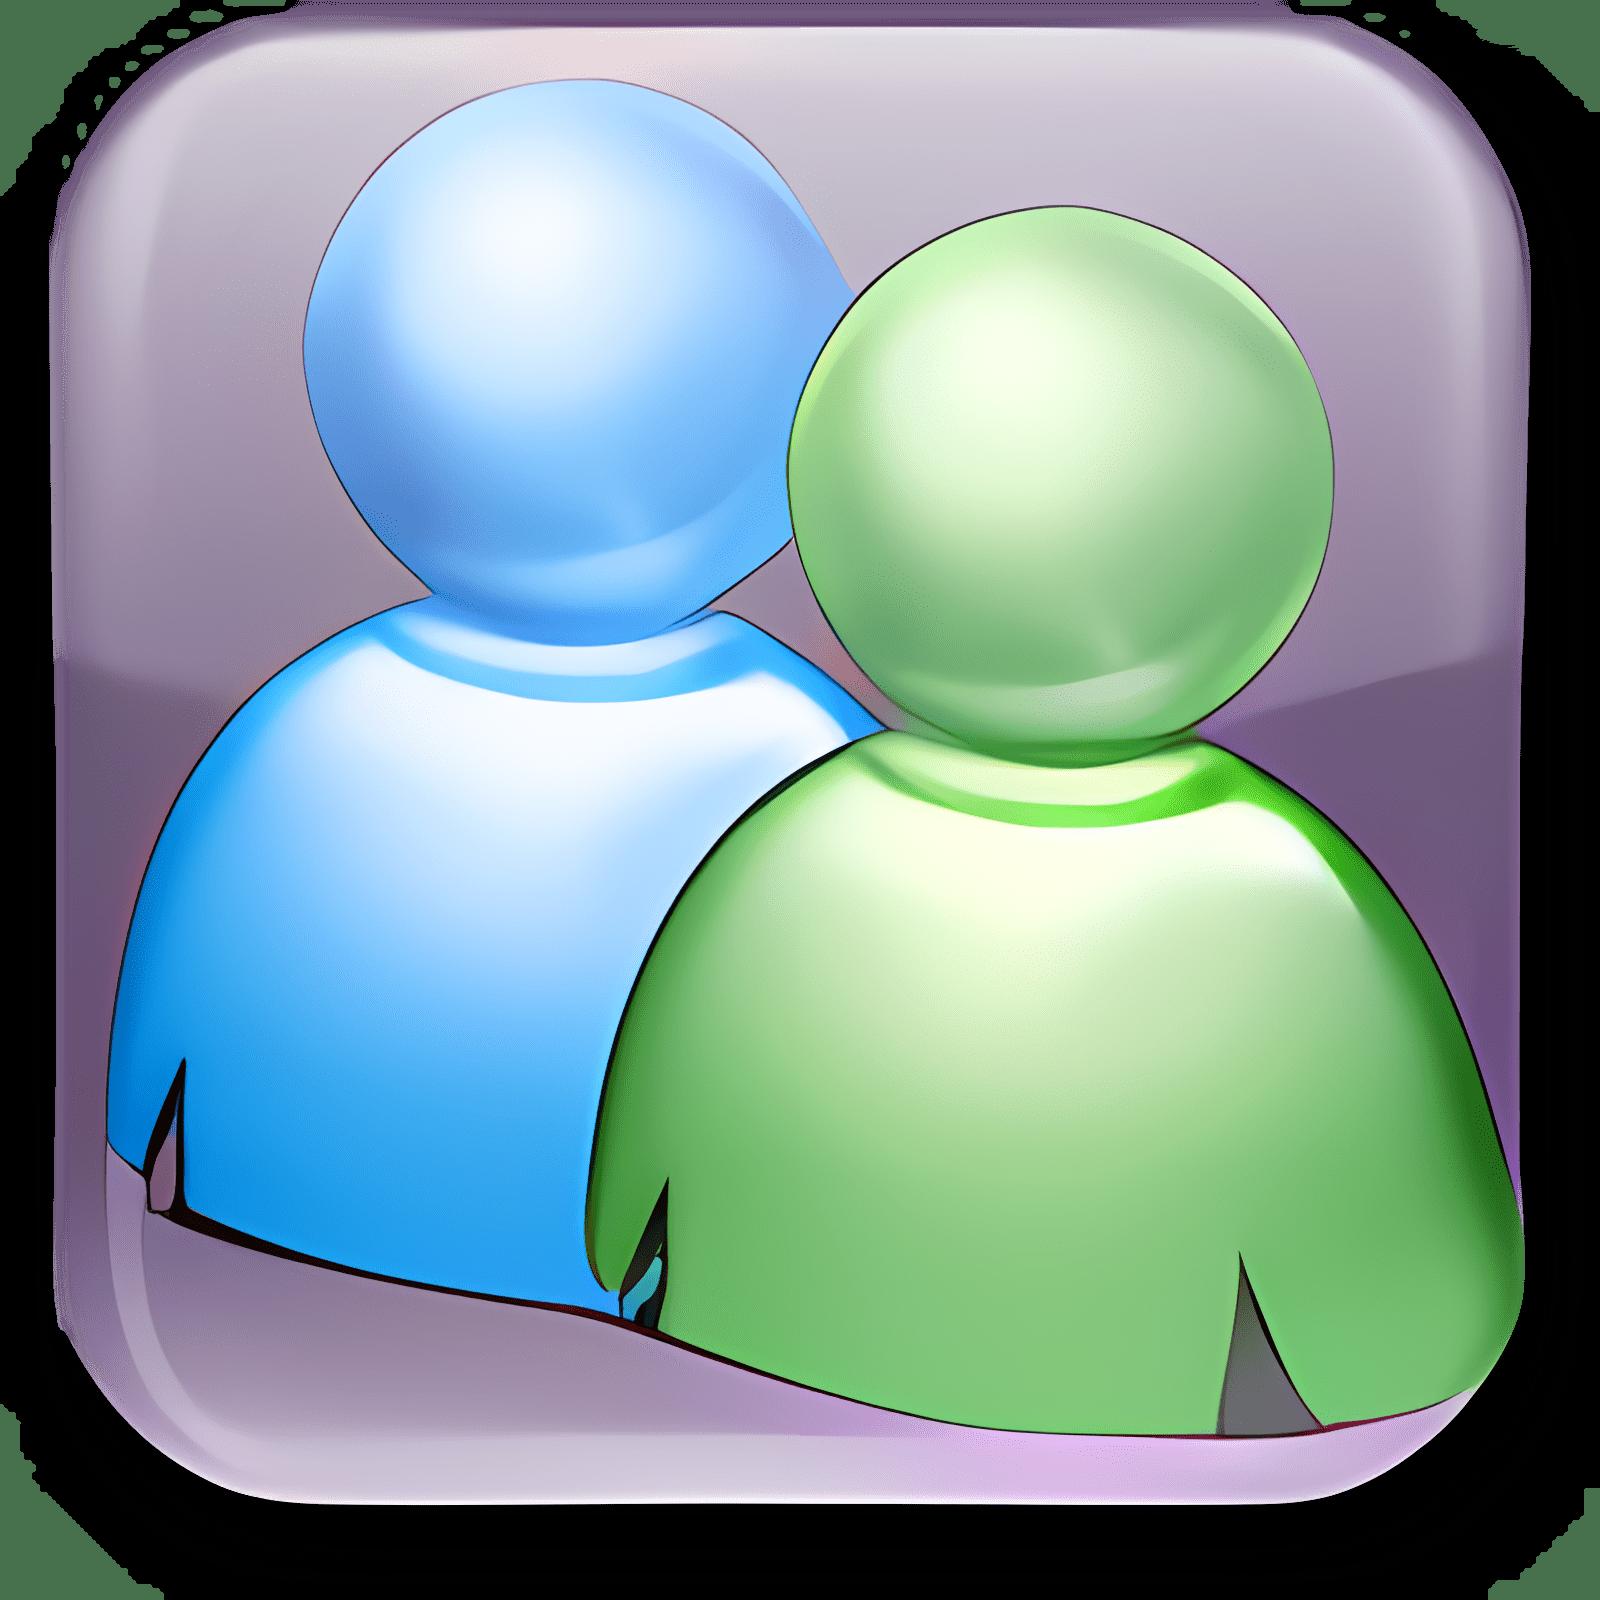 MSN Messenger 8.5 (Windows Live Messenger 8.5) 8.5.1302.1018